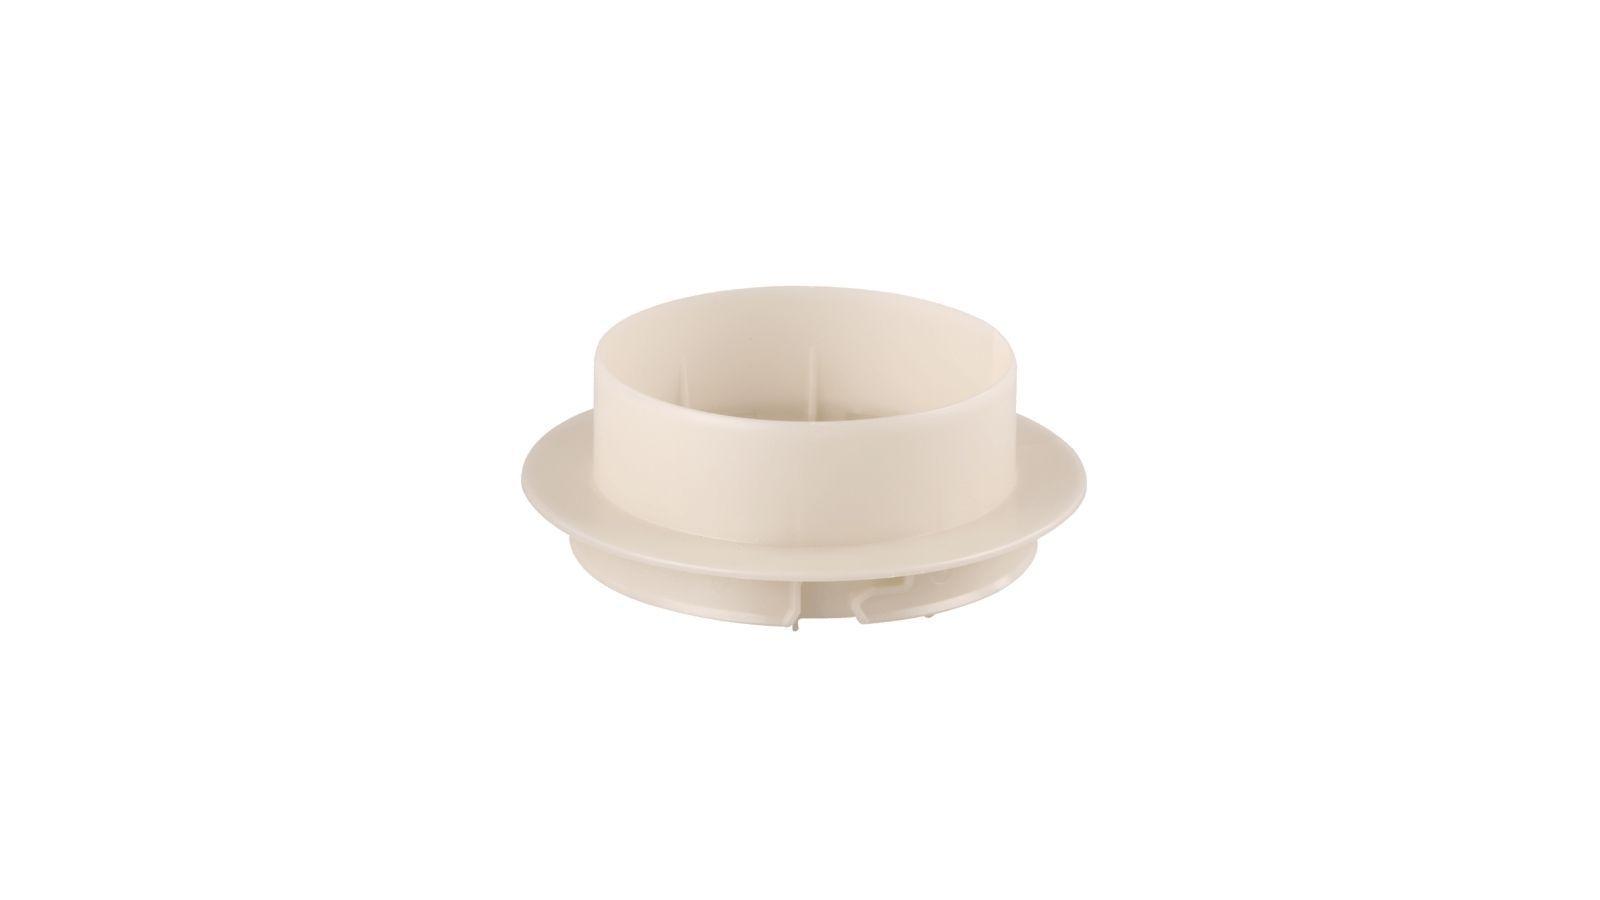 Hrdlo, spojka, vyústění vzduchu do sušičky Bosch / Siemens - 00605425 BSH